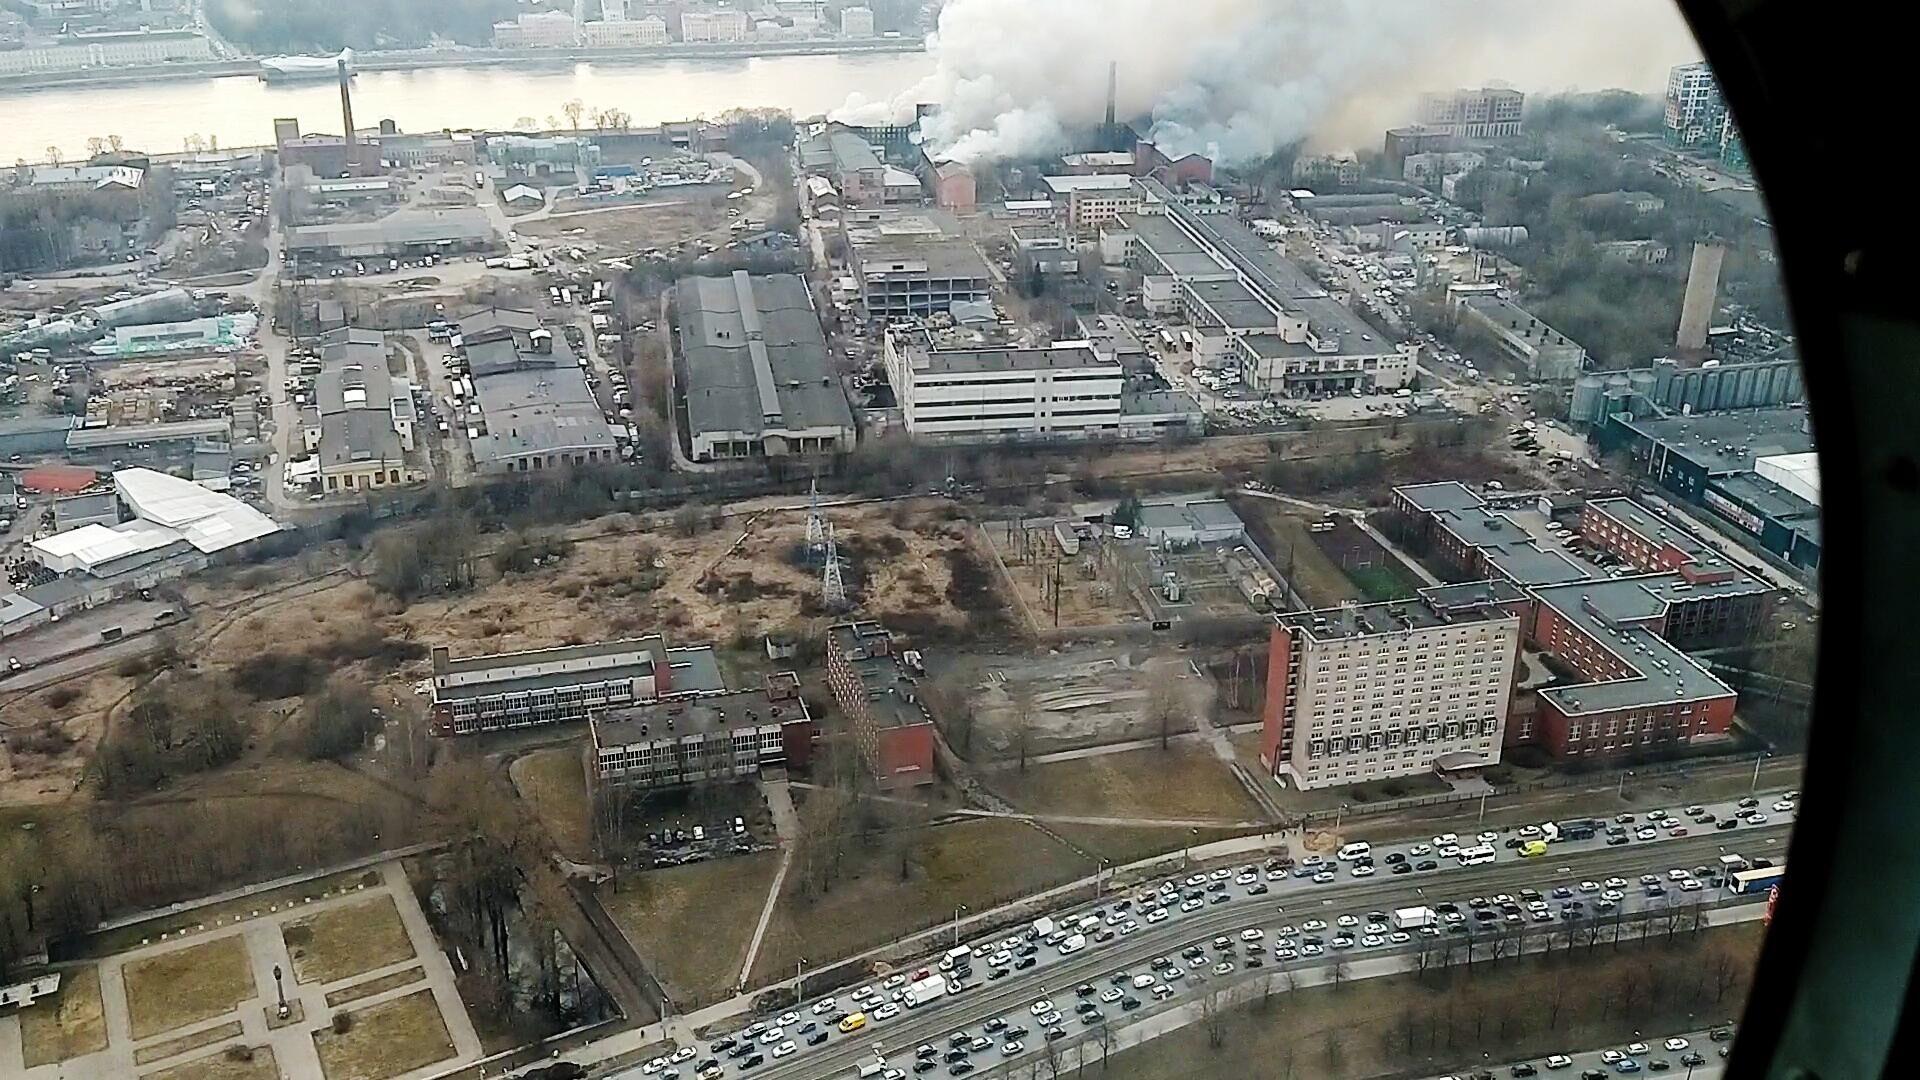 """Суд оштрафовал """"Невскую мануфактуру"""", где был крупный пожар, на миллион рублей"""